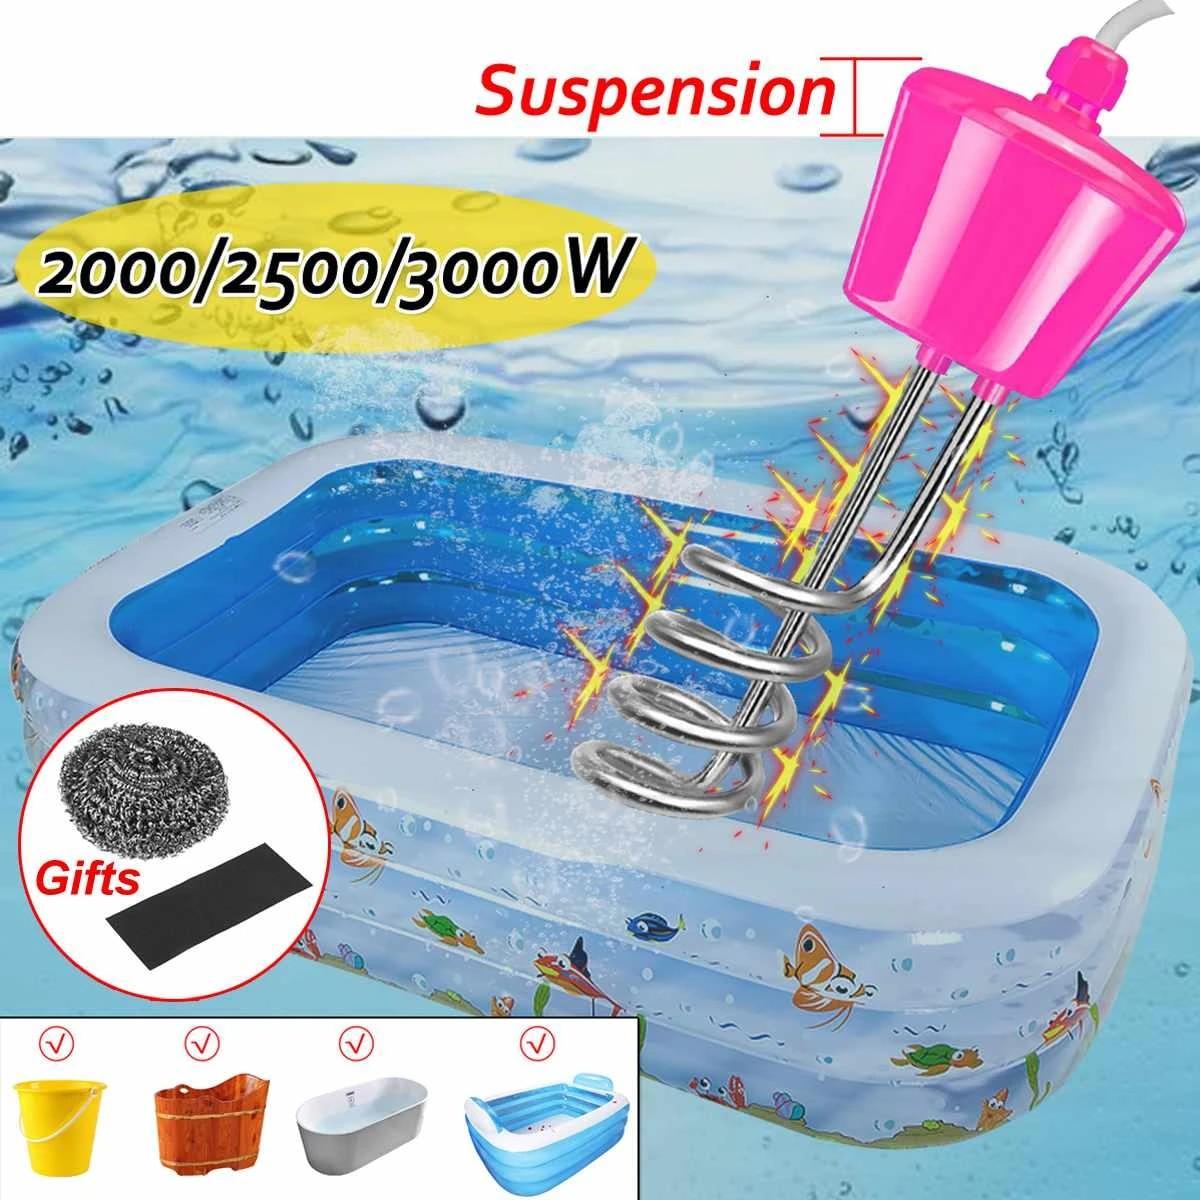 2000 2500 3000w 3m Drijvende Elektrische Boiler Water Verwarmingselement Draagbare Onderdompeling Schorsing Badkamer Zwemmen Zwembad Electric Water Heaters Aliexpress